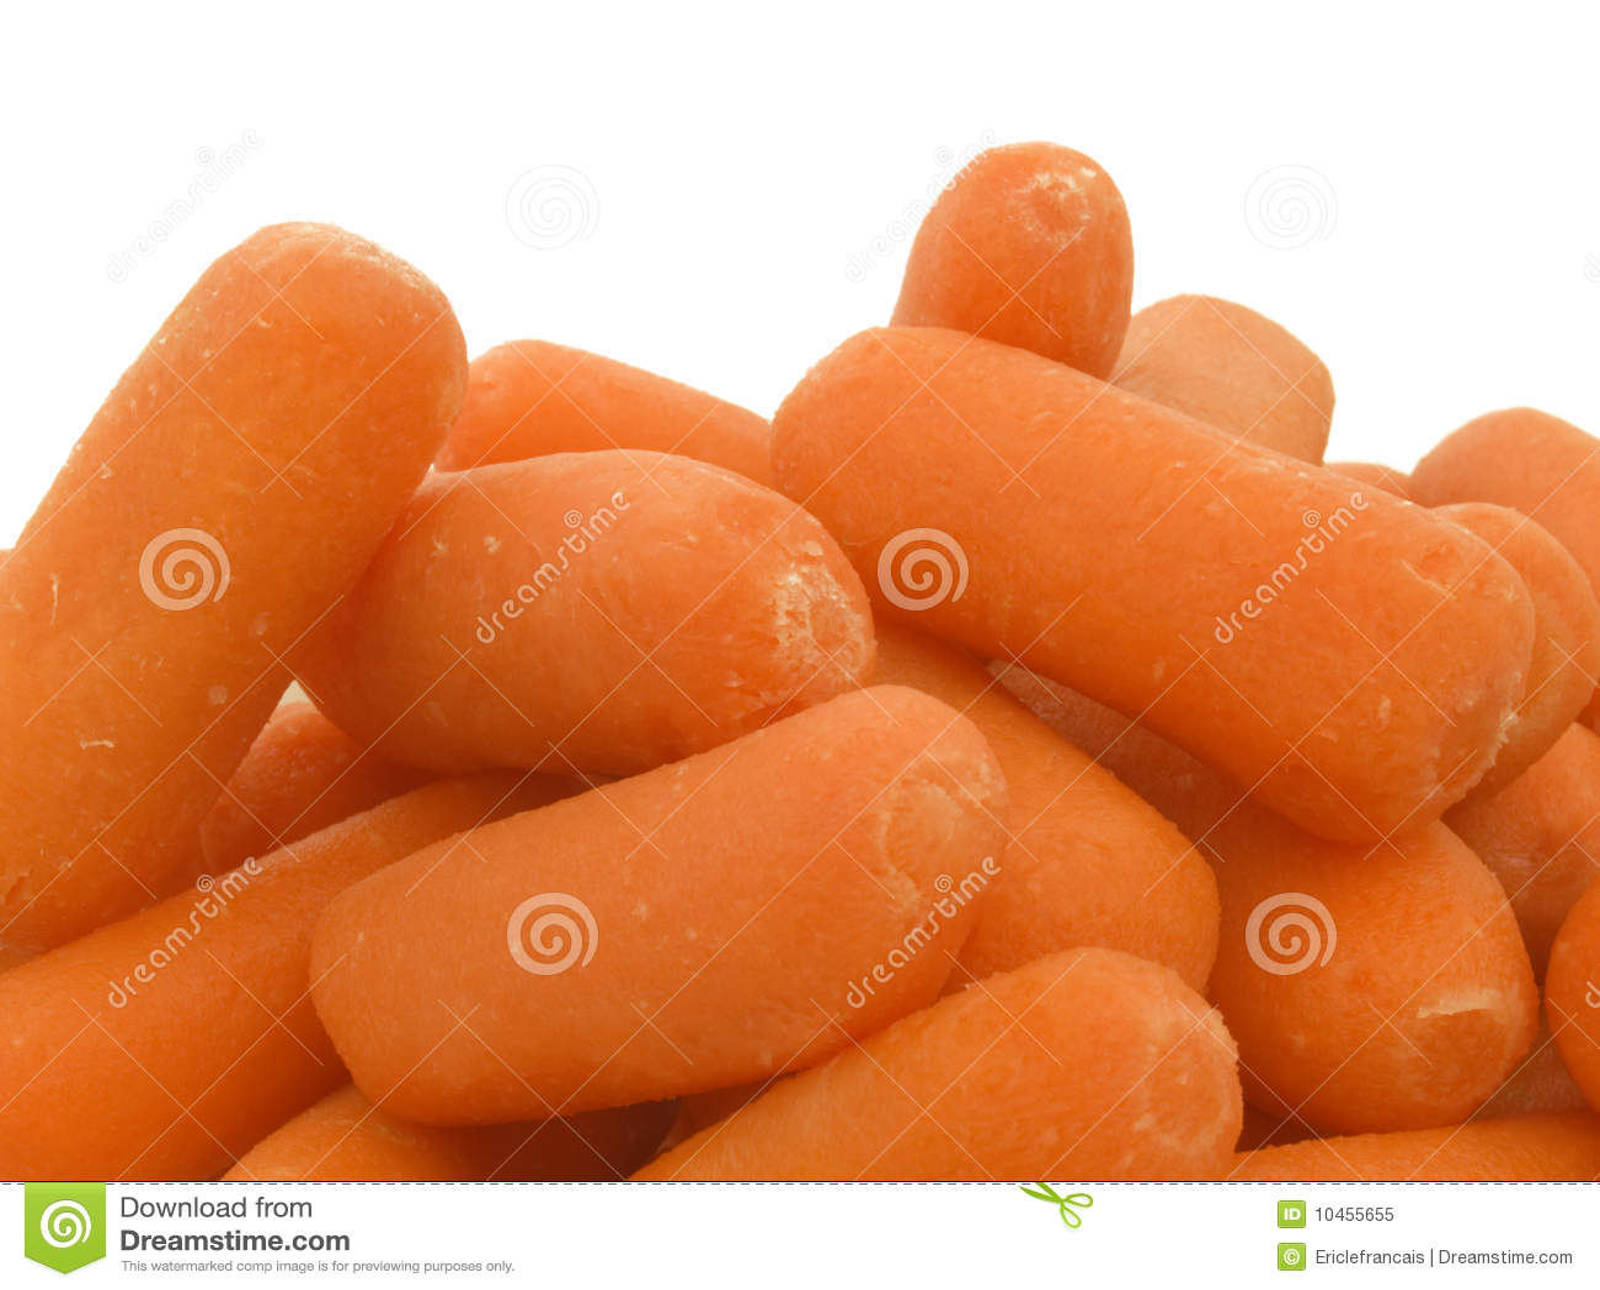 Mini Zanahorias Imagen De Archivo Imagen De Zanahorias 10455655 Последние твиты от zanahoria mecánica(@zanahoriatw). dreamstime